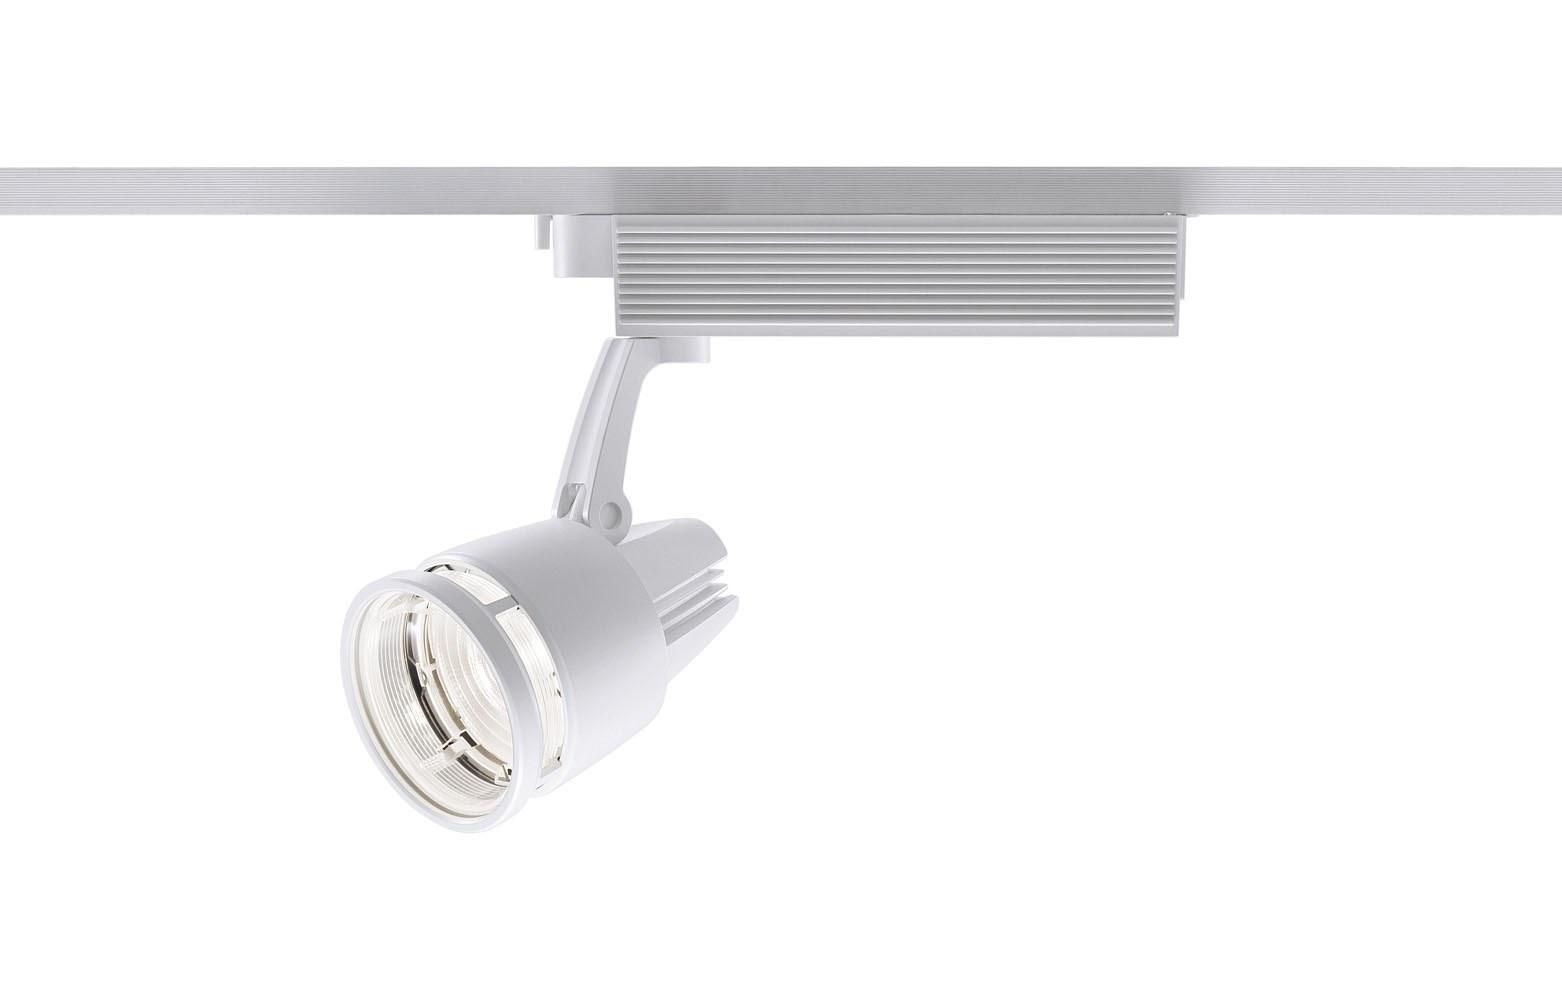 パナソニック 彩光色「LEDスポットライト ワンコア(ひと粒)集光タイプ」(透過セードタイプ)